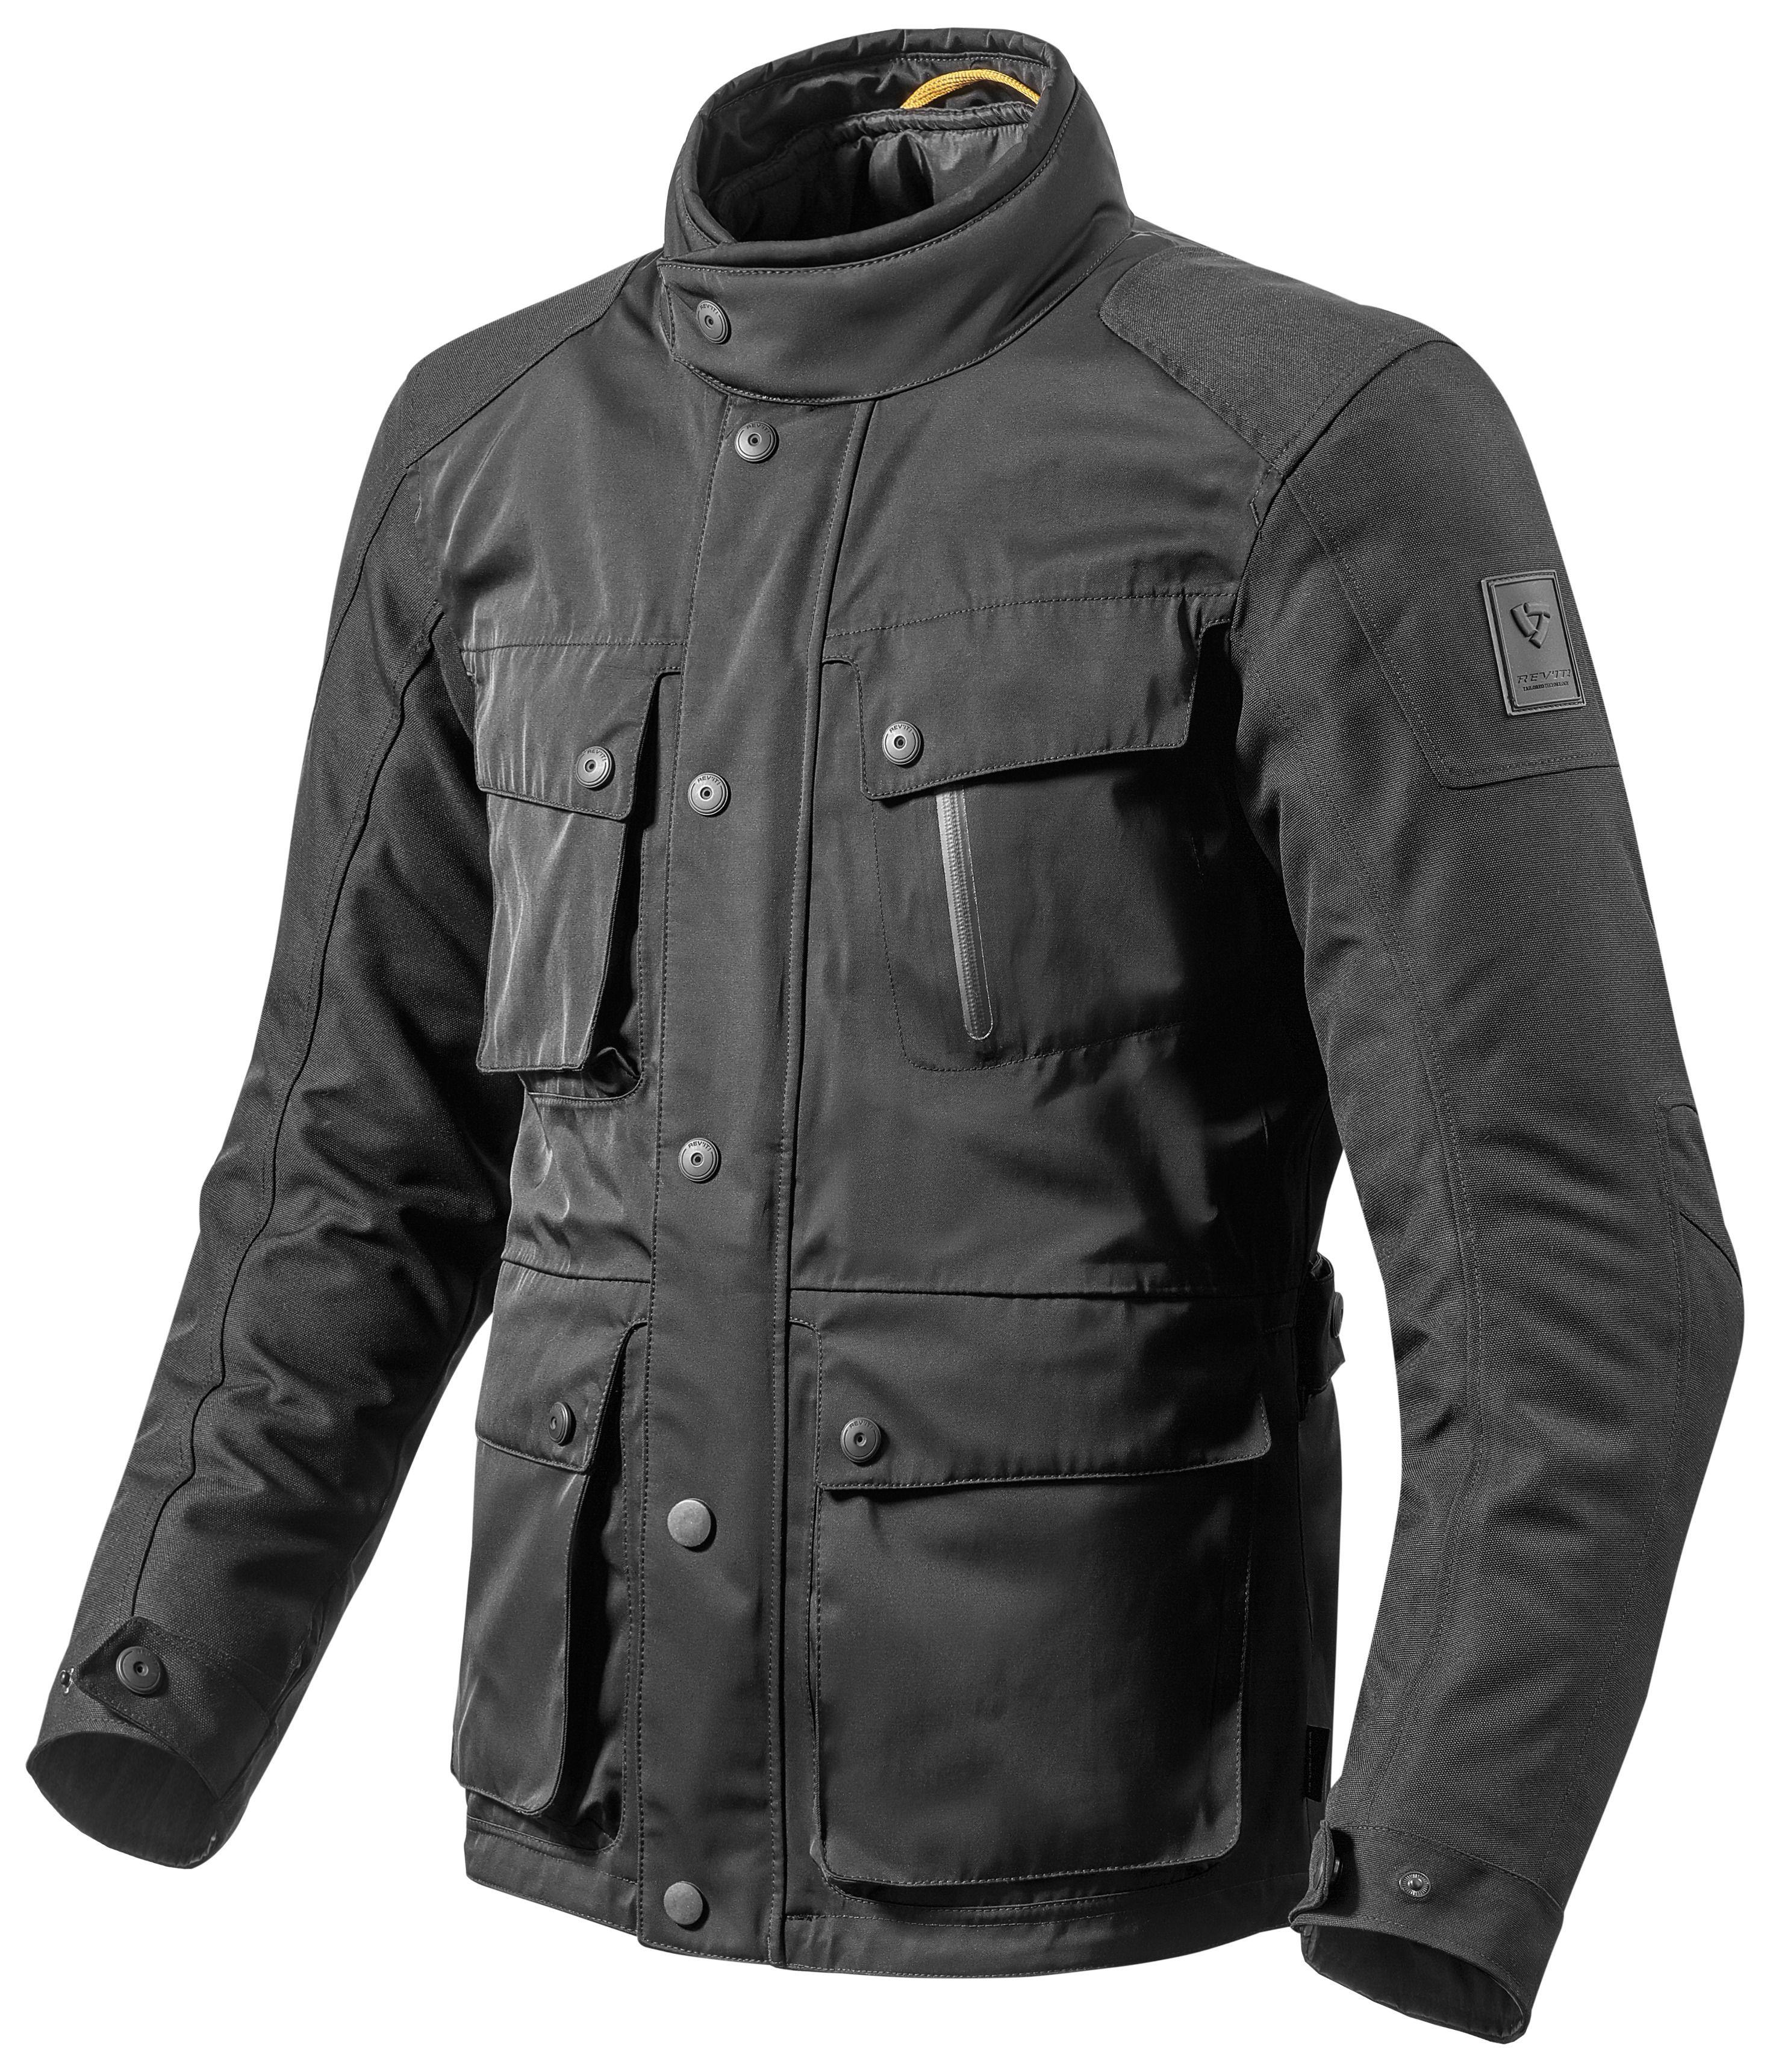 REV'IT! Jackson Jacket (Sz XL) 20 (72.00) Off